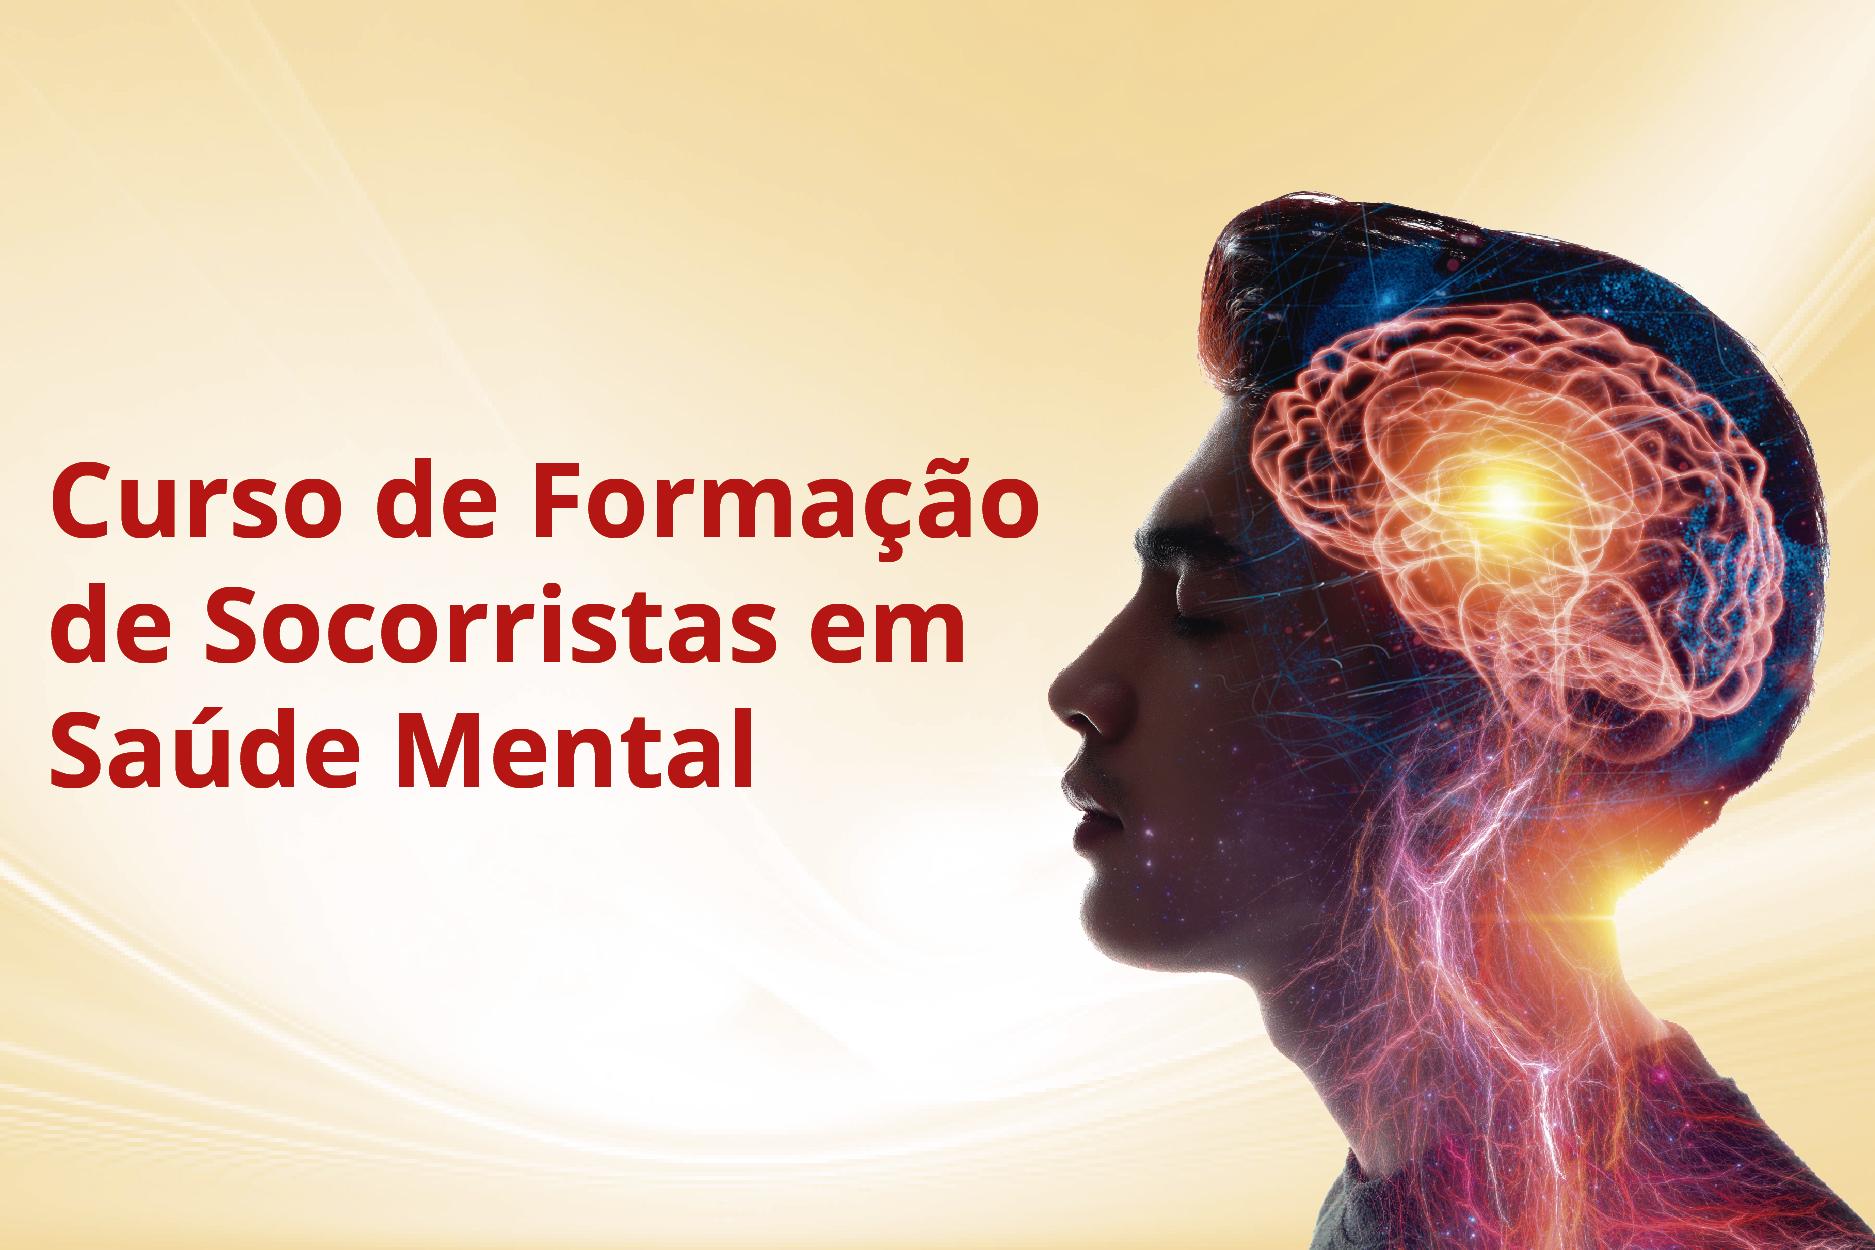 SAUDEMENTAL-M4 - Curso de Formação de Socorristas em Saúde Mental - Módulo 4 (001827 - 2021/1 - INTEGRAL)